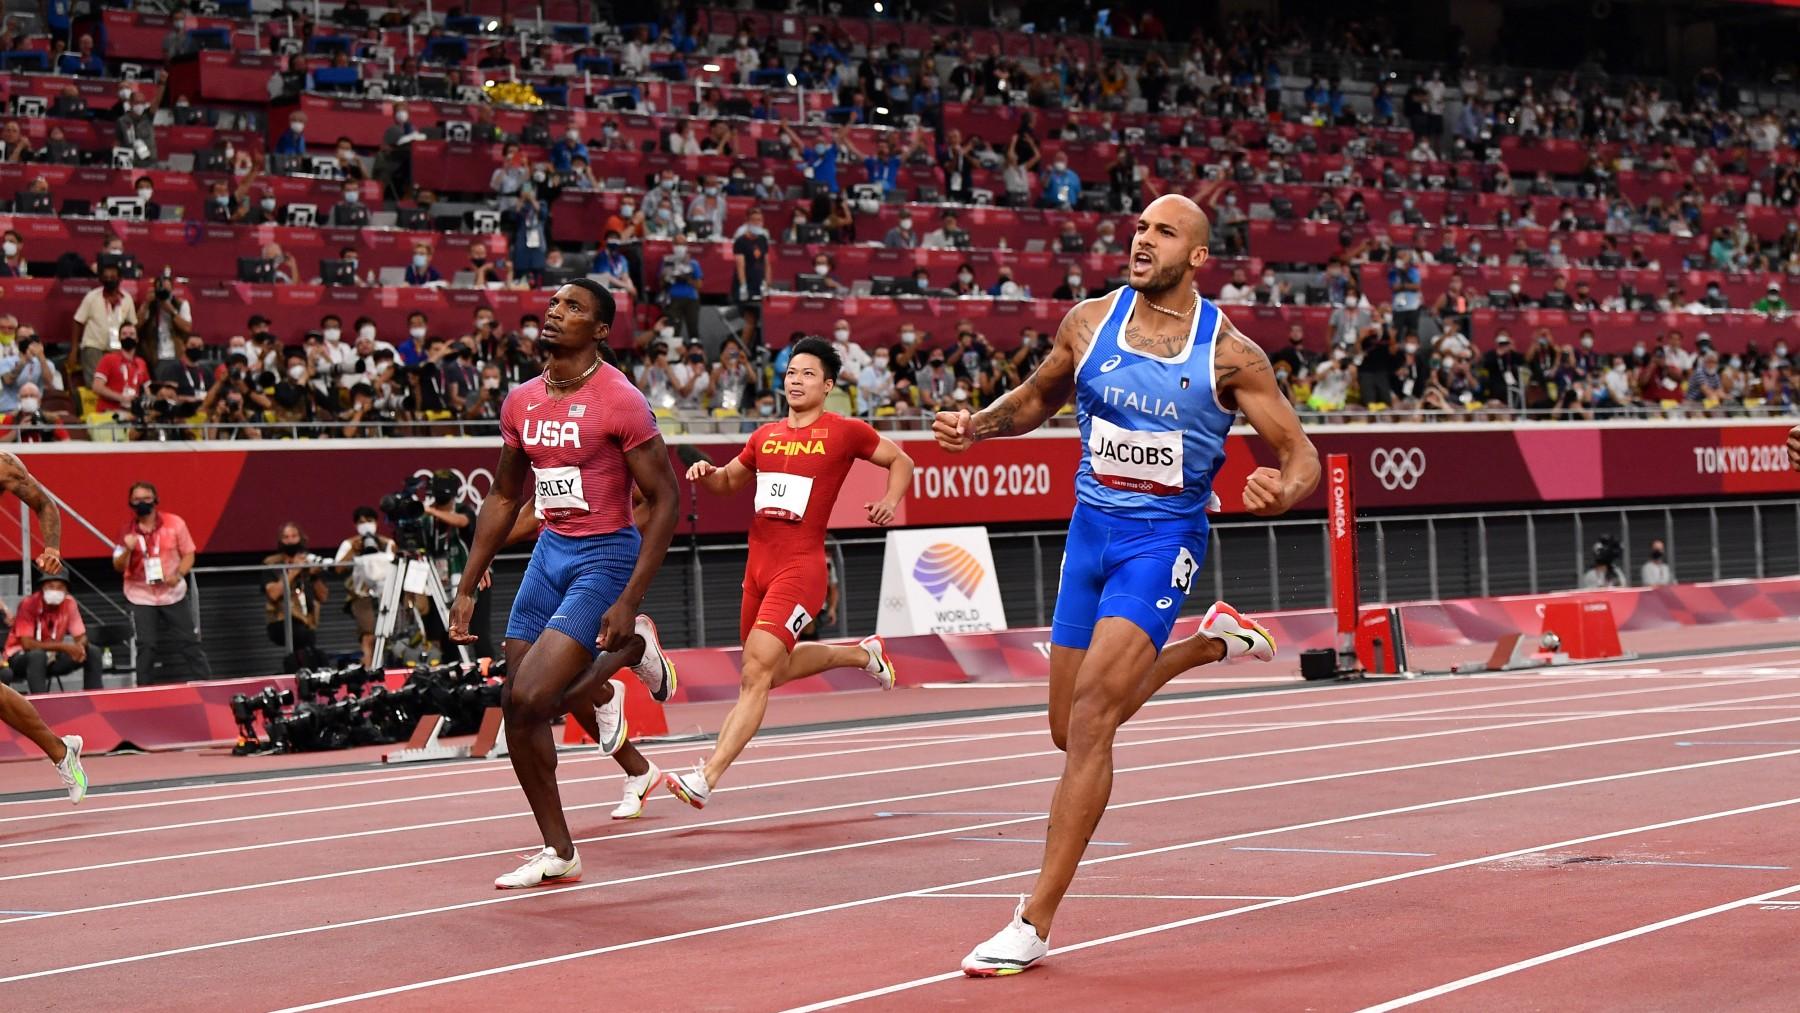 Jacobs celebra su triunfo en los 100 metros. (AFP)